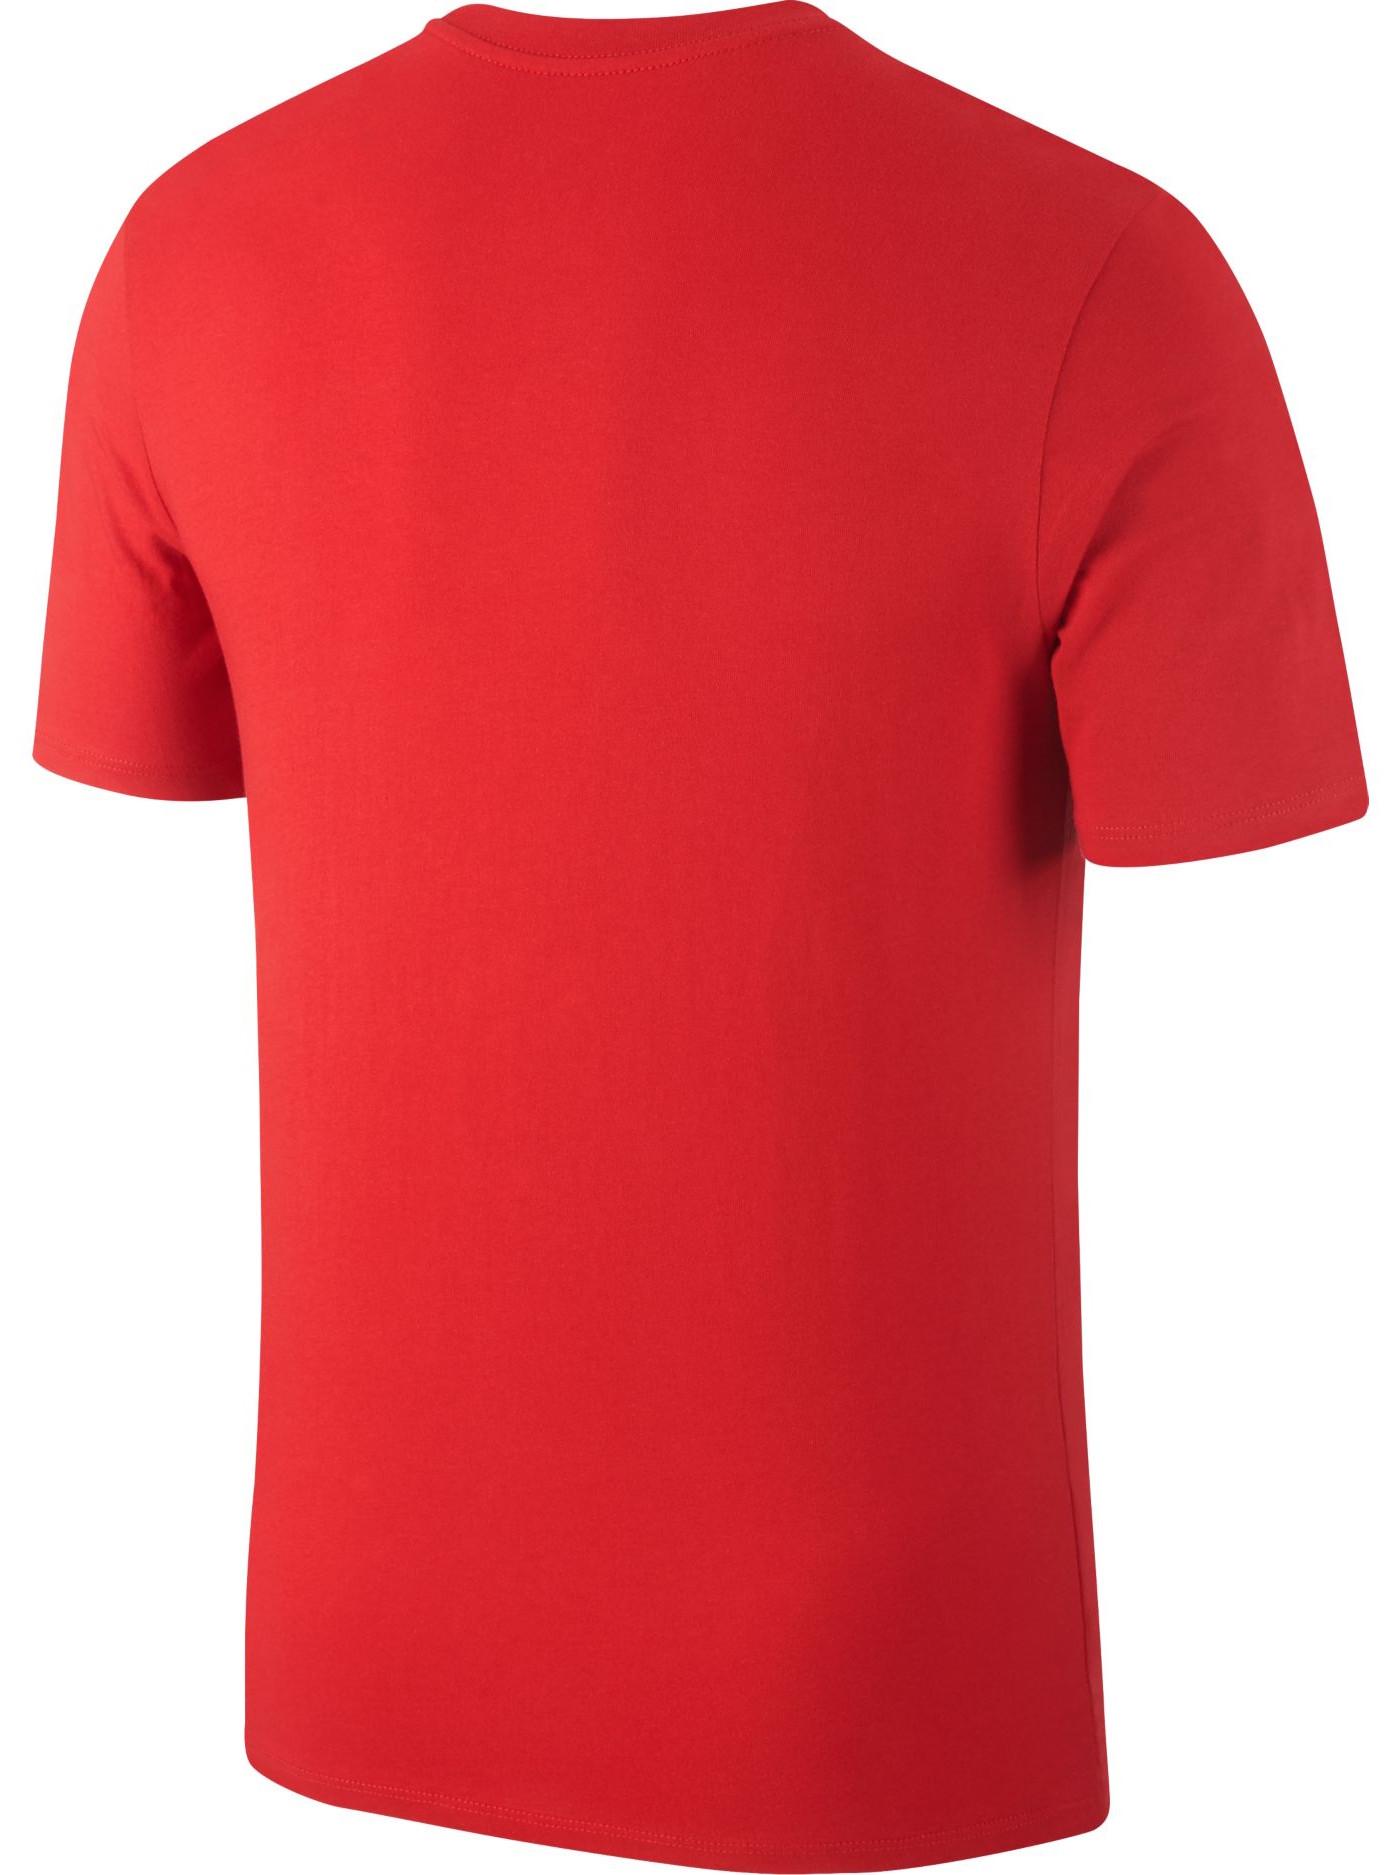 crest tee Portogallo Nike T shirt tempo libero Mondiali 2018 Rosso cotone